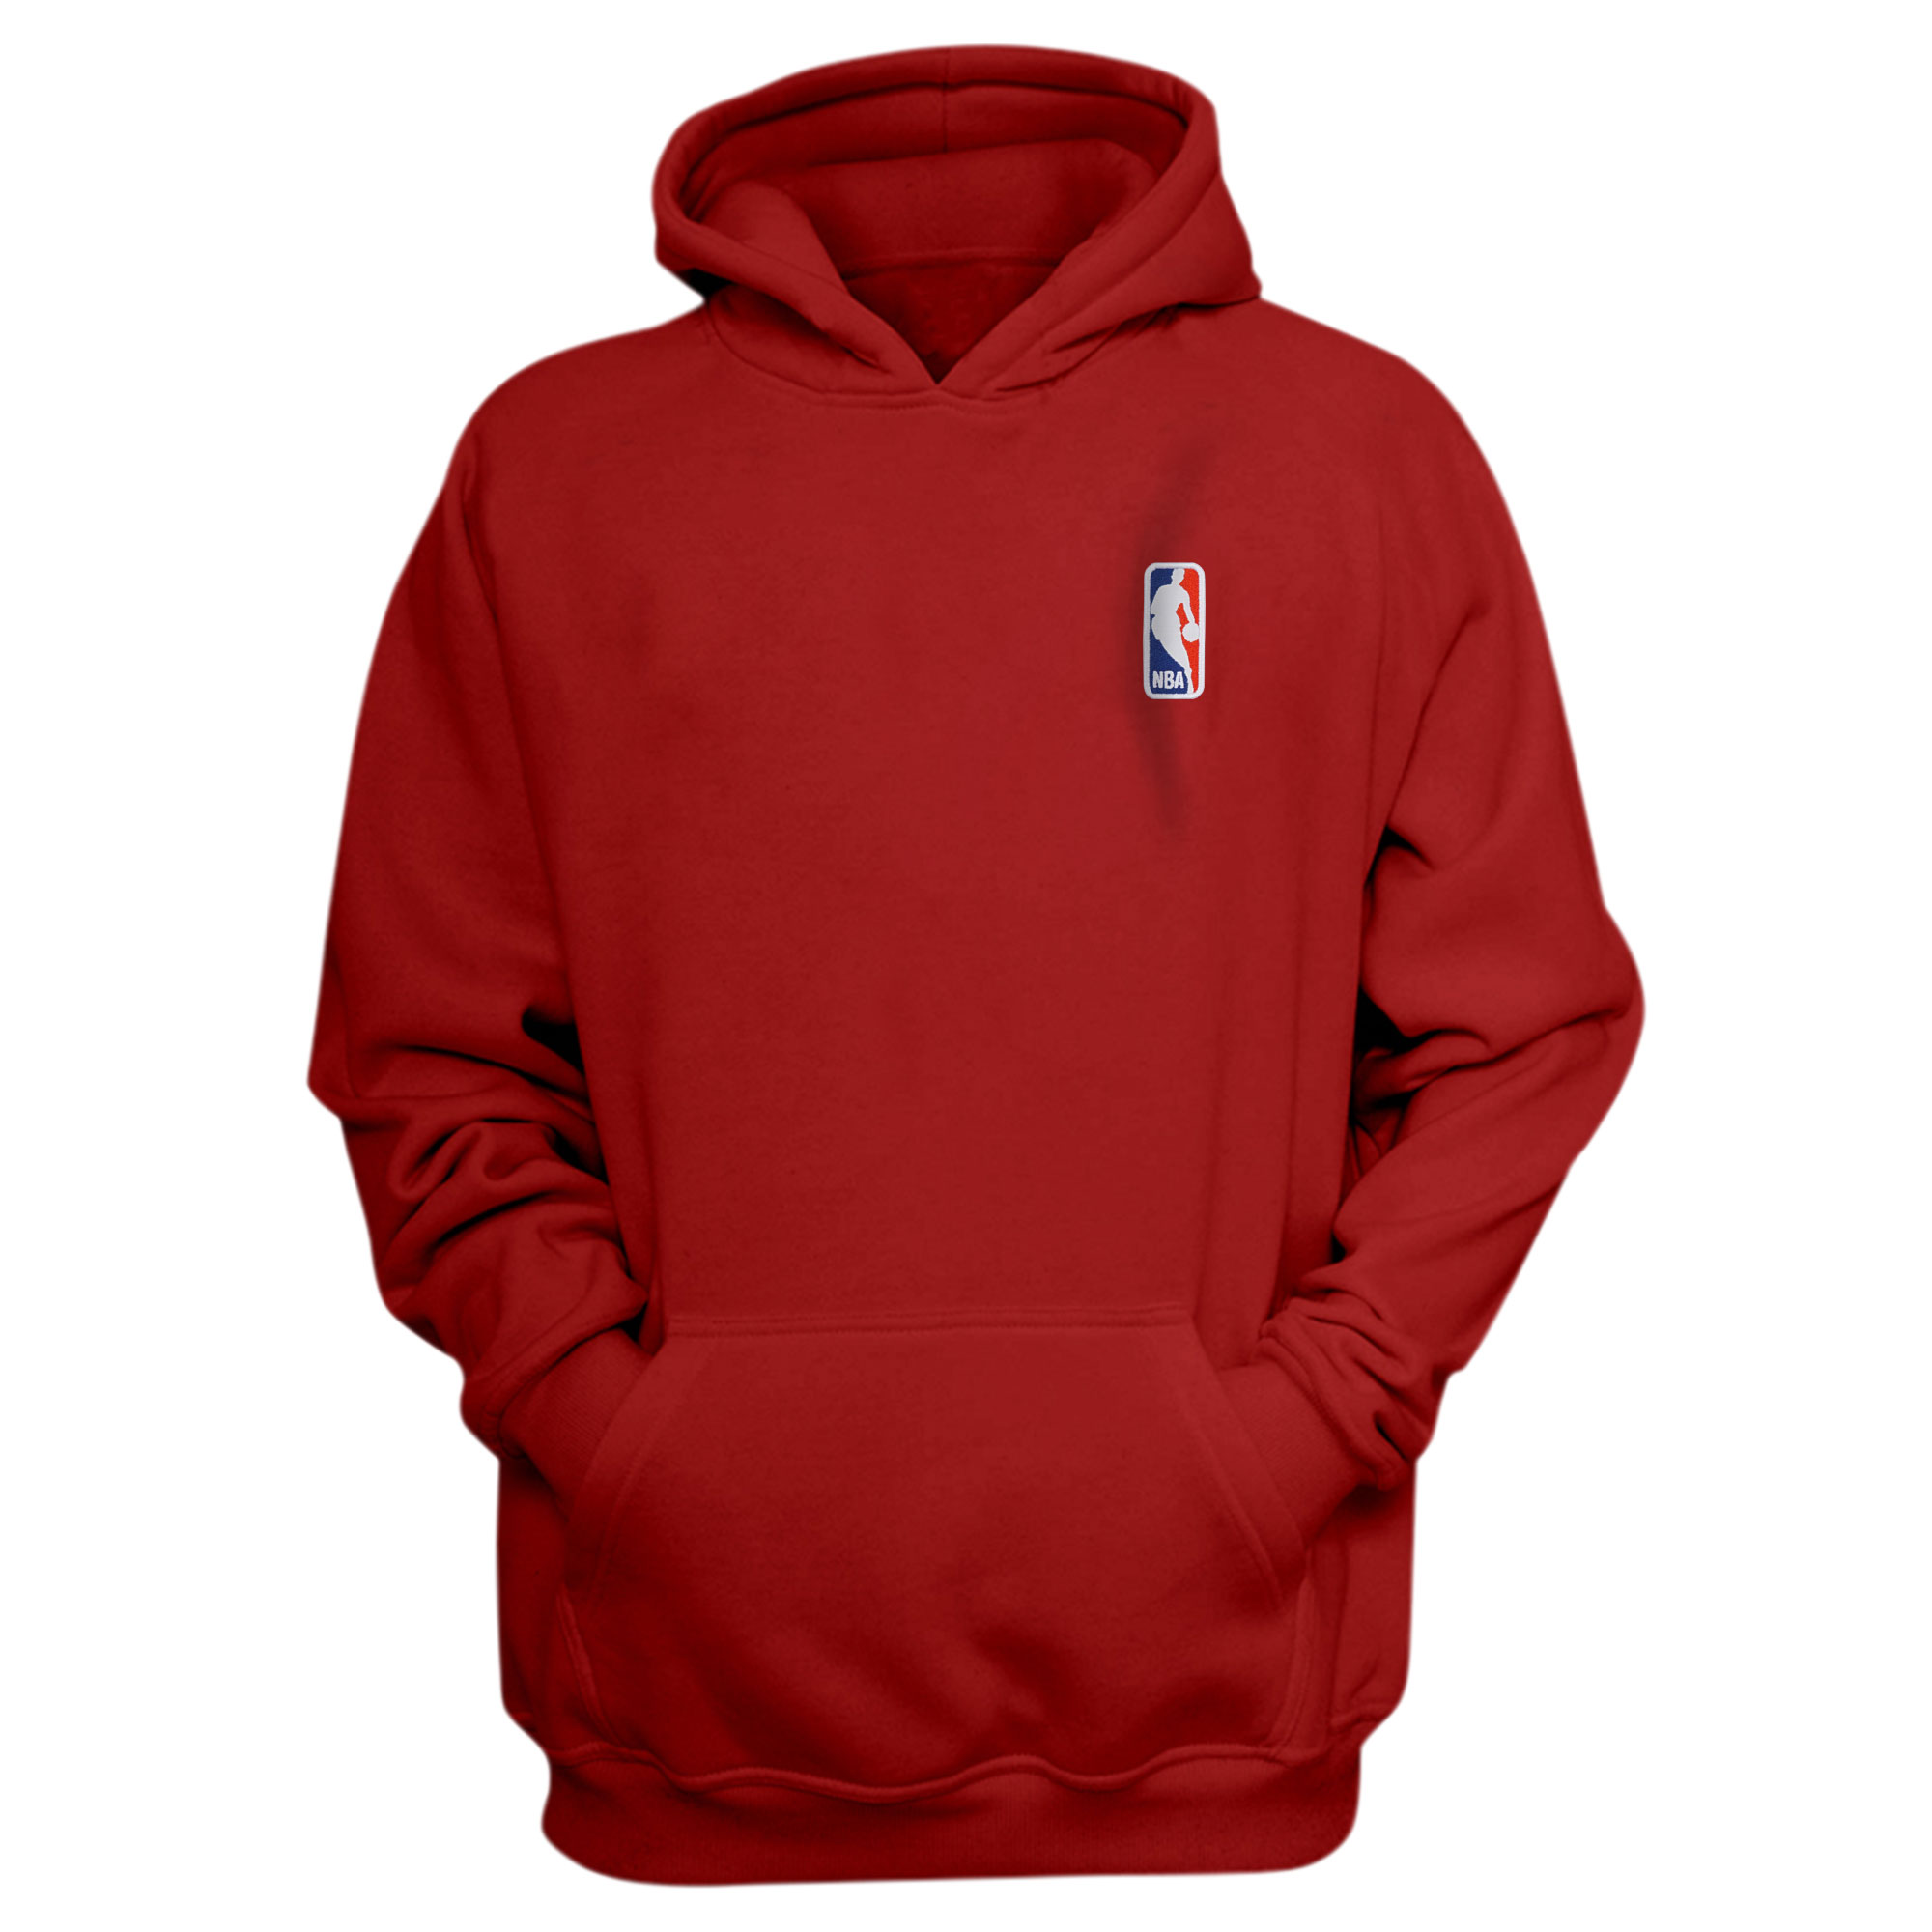 Nba Logo Gear NBA Logo Hoodie (Örme)  (HD-BLU-EMBR-NBA-LOGO)